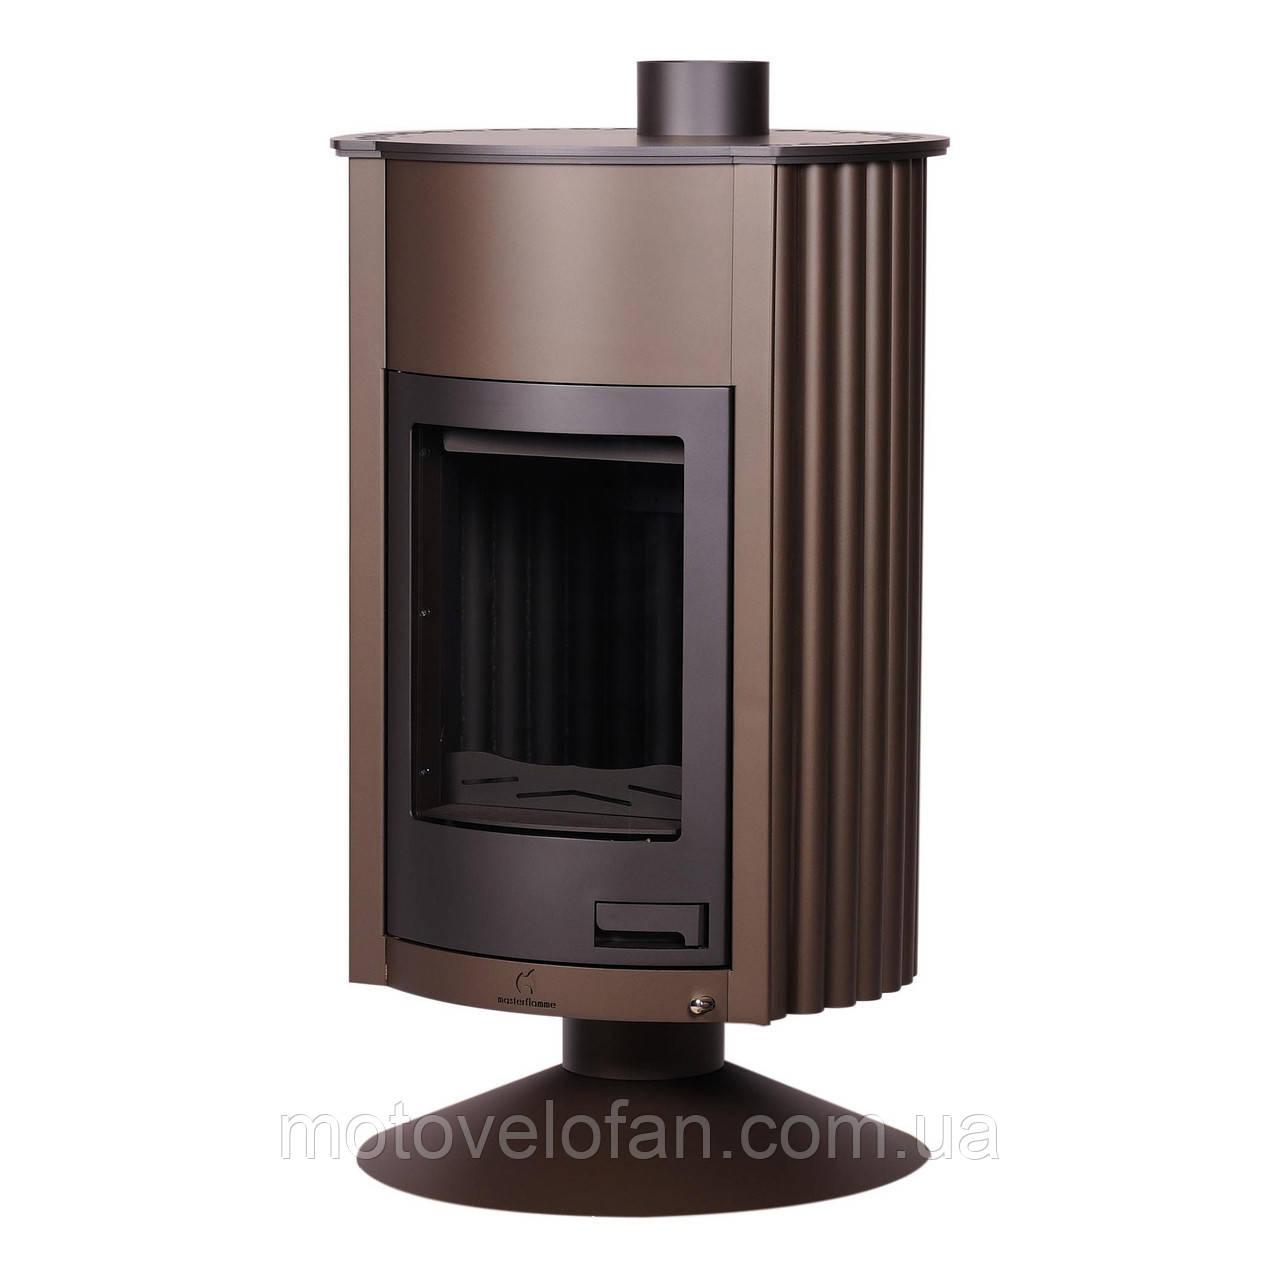 Отопительная печь-камин длительного горения Masterflamme Grande II (коричневый вельвет)